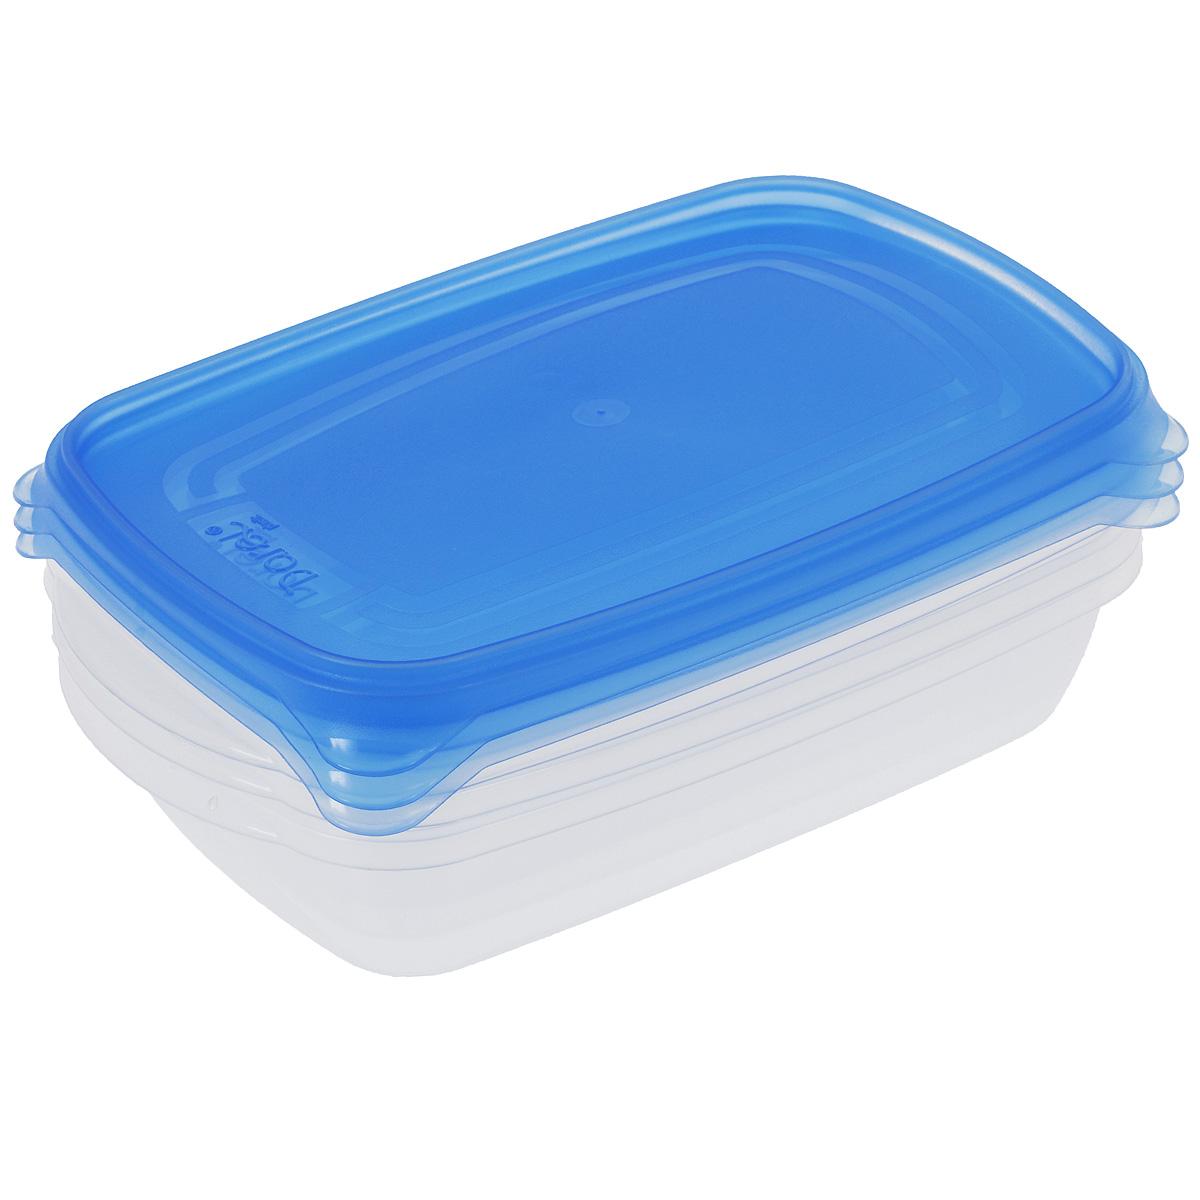 Набор контейнеров Darel, цвет: синий, 700 мл, 3 шт40401Набор Darel состоит из трех прямоугольных контейнеров. Изделия выполнены из высококачественного пищевого полипропилена. Крышки легко открываются и плотно закрываются с помощью легкого щелчка. Подходят для хранения и транспортировки пищи. Складываются друг в друга, что экономит пространство при хранении в шкафу. Контейнеры подходят для использования в микроволновой печи без крышки, а также для заморозки в морозильной камере. Можно мыть в посудомоечной машине.